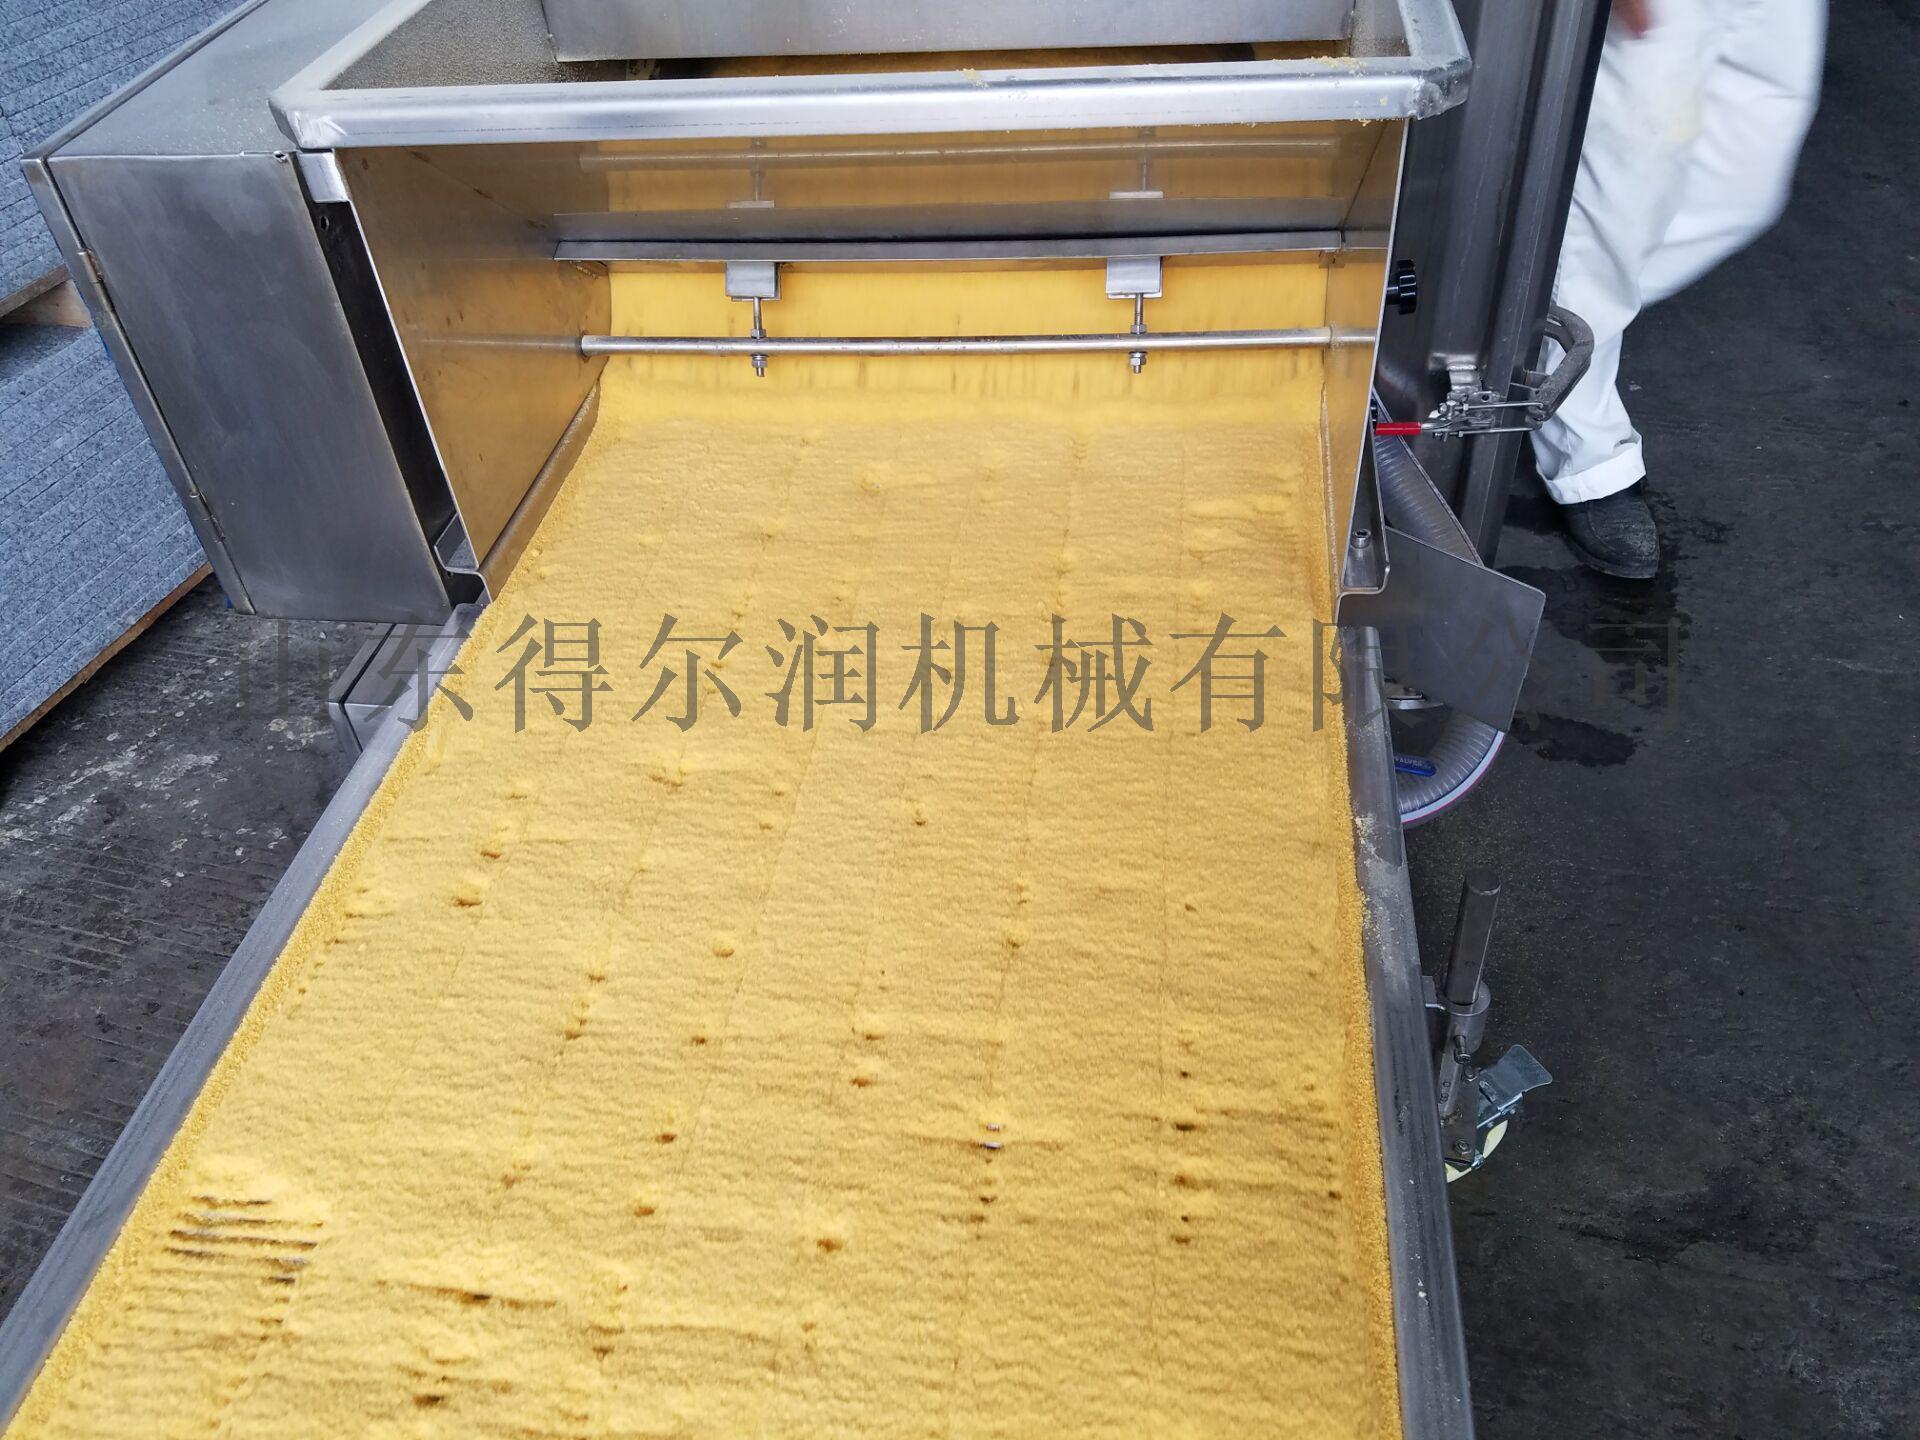 广州 冰激凌裹糠机 冰激凌裹屑机 食品上浆裹糠机70073312